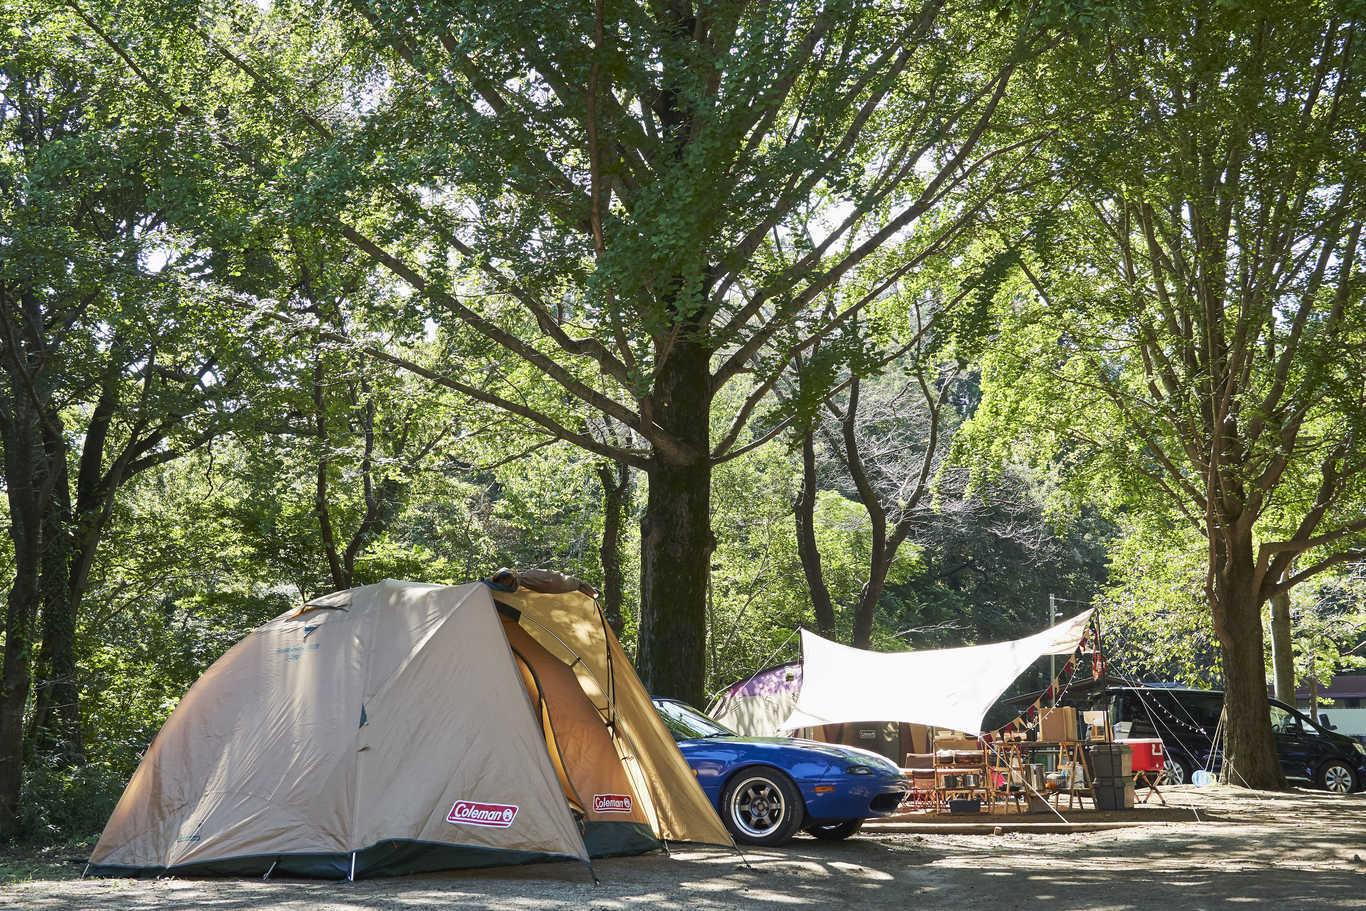 清水公園 キャンプ場 の公式写真c12670